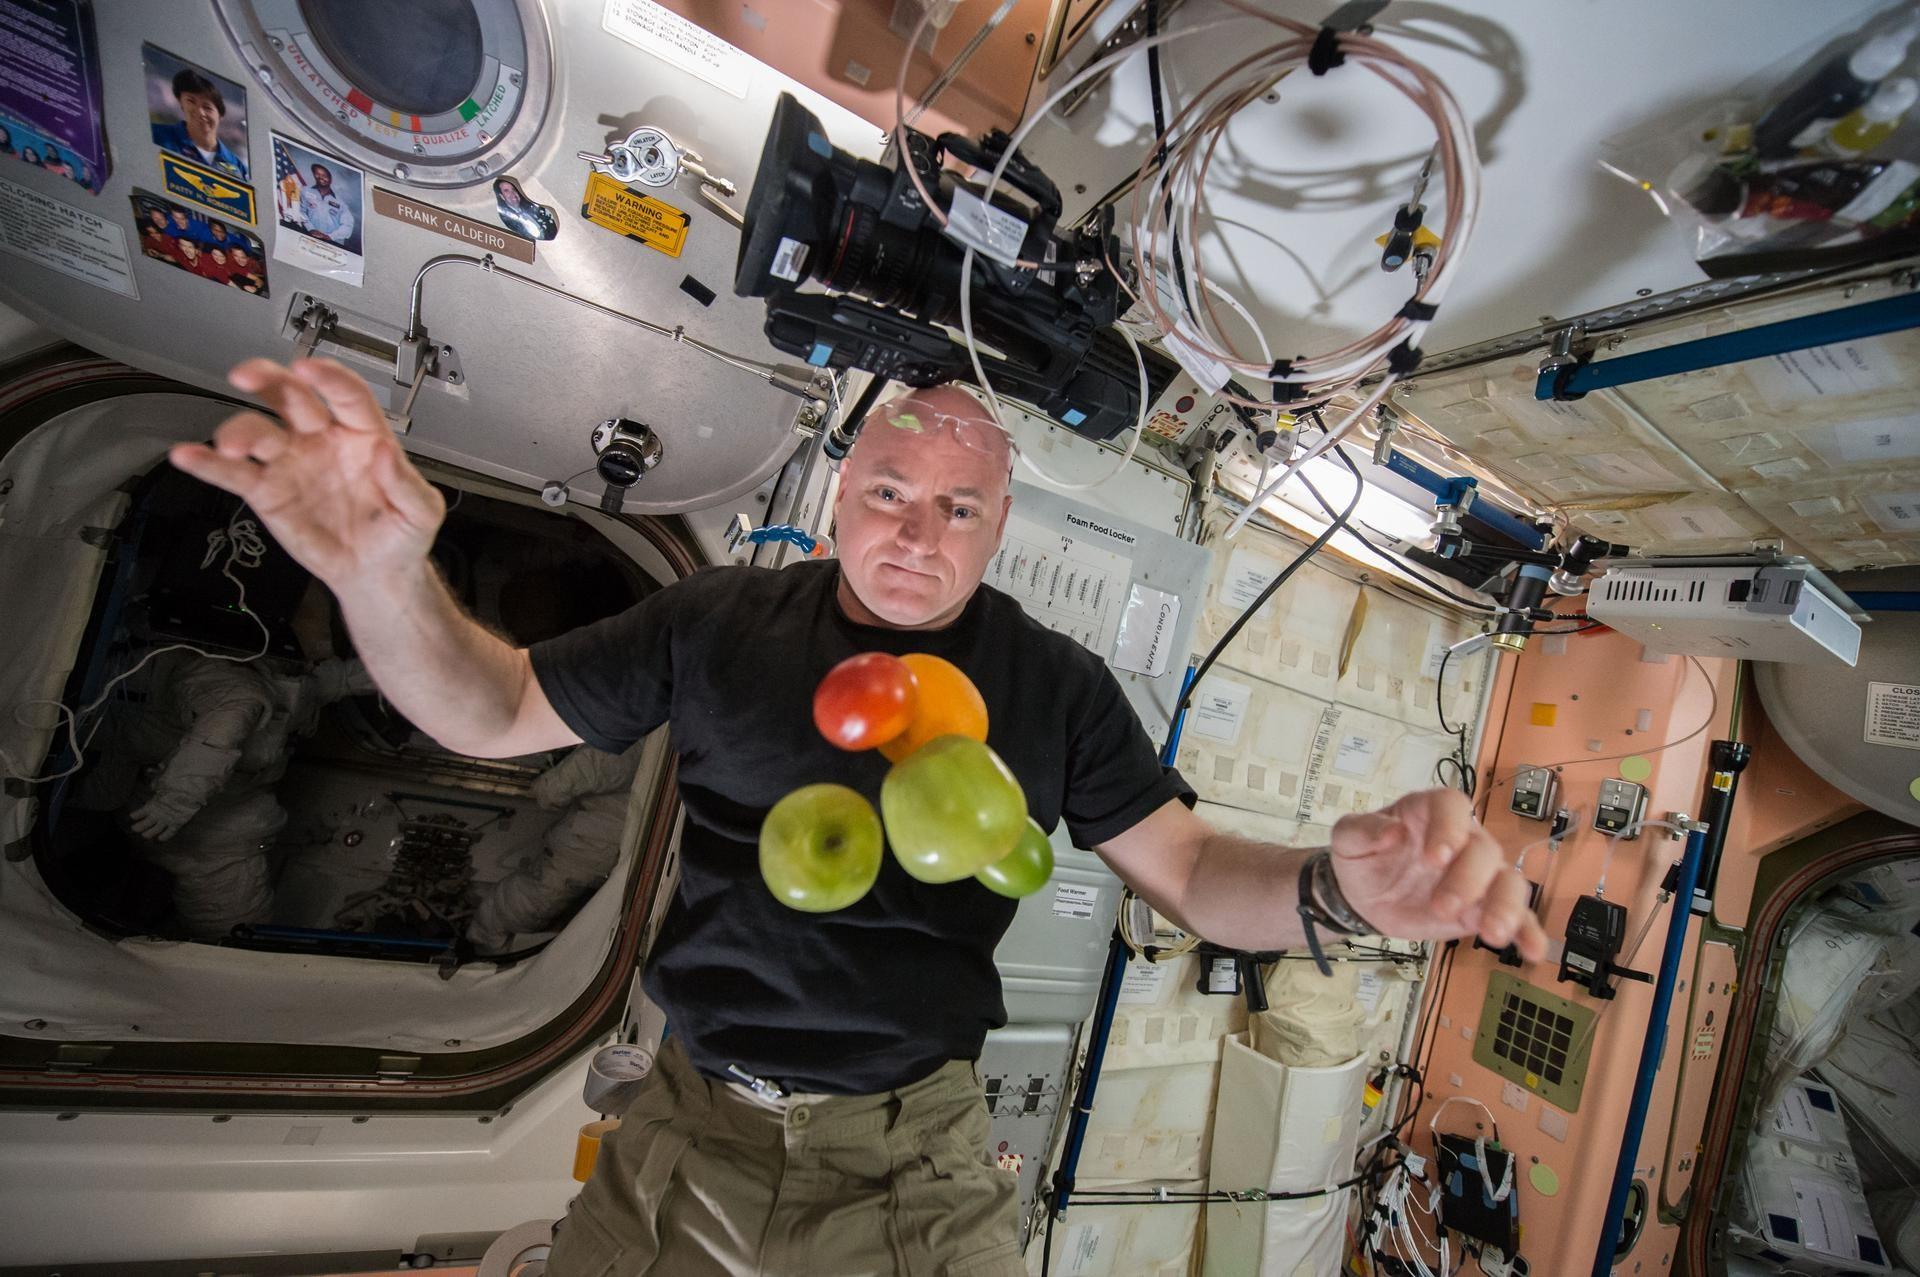 9 coisas que astronautas não fazem no espaço (como beber drinks e chorar)